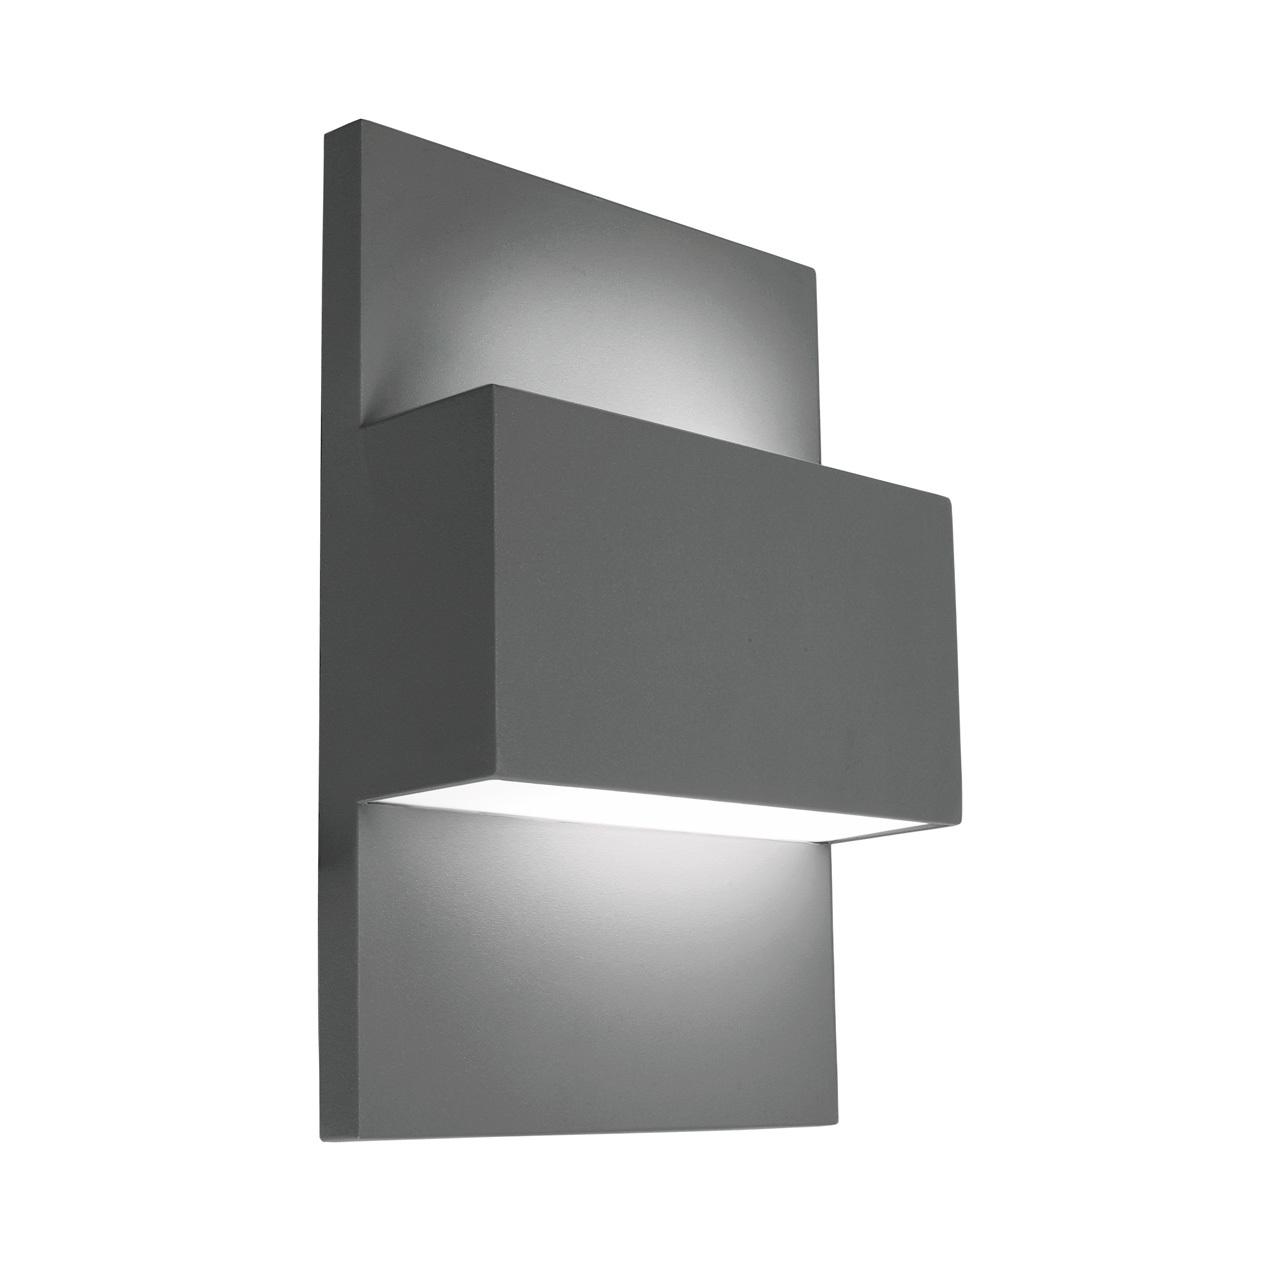 Lampa ścienna GENEVE LED 879GR -Norlys  SPRAWDŹ RABATY  5-10-15-20 % w koszyku